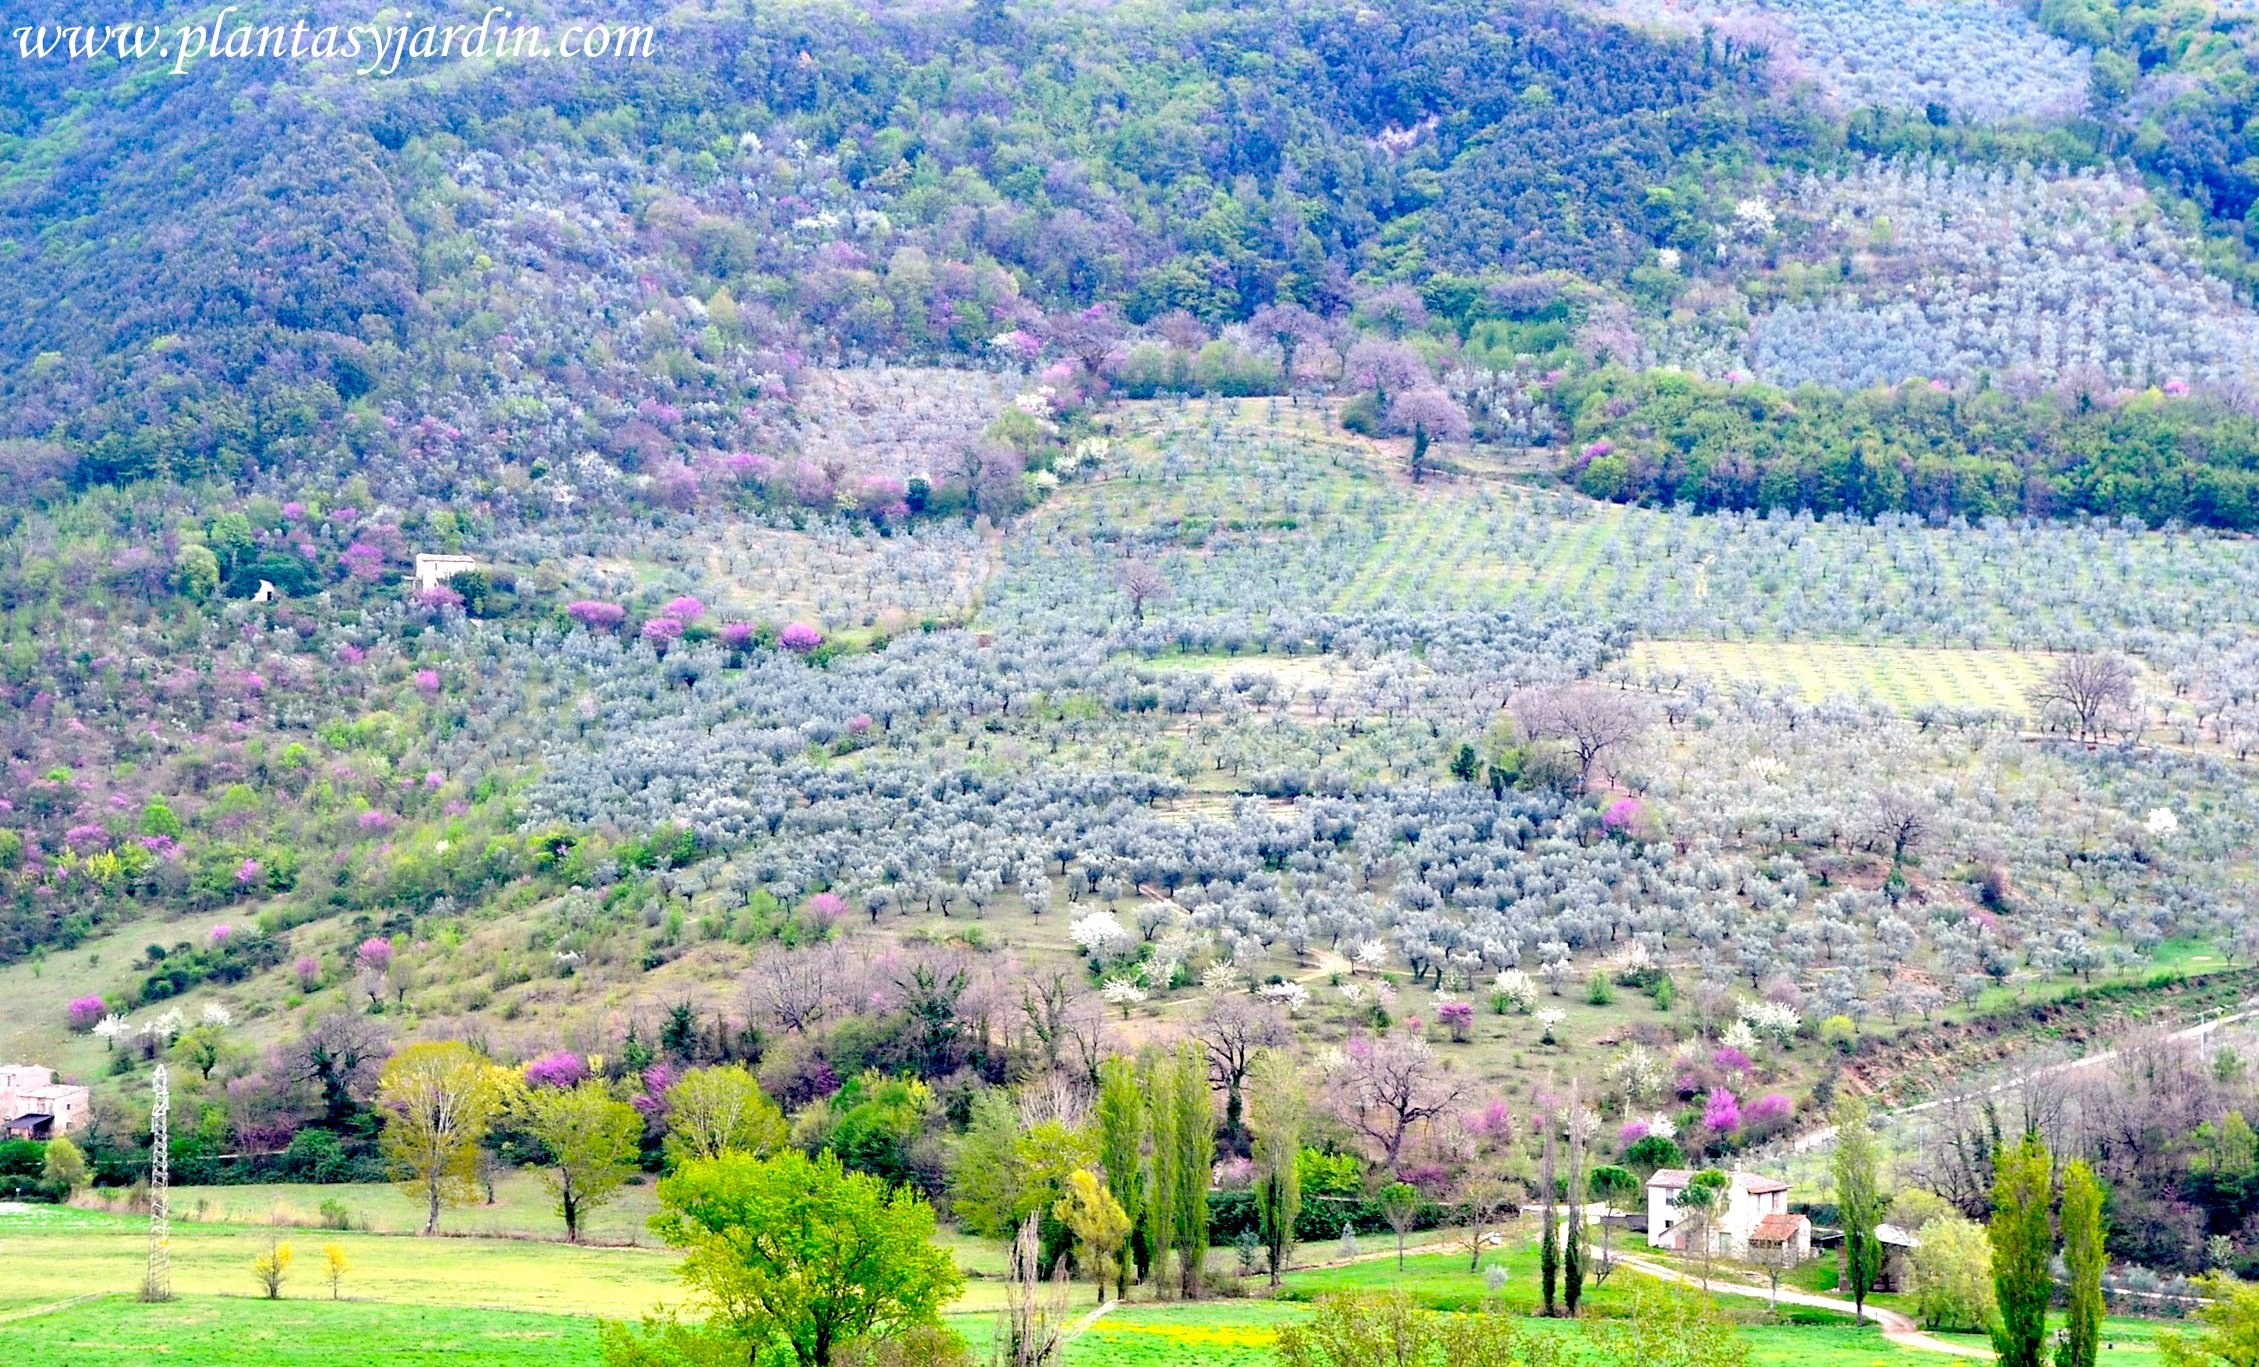 paisajes de la región de Umbria-Italia en primavera Almendros, Cercis, Olivos y Alamos